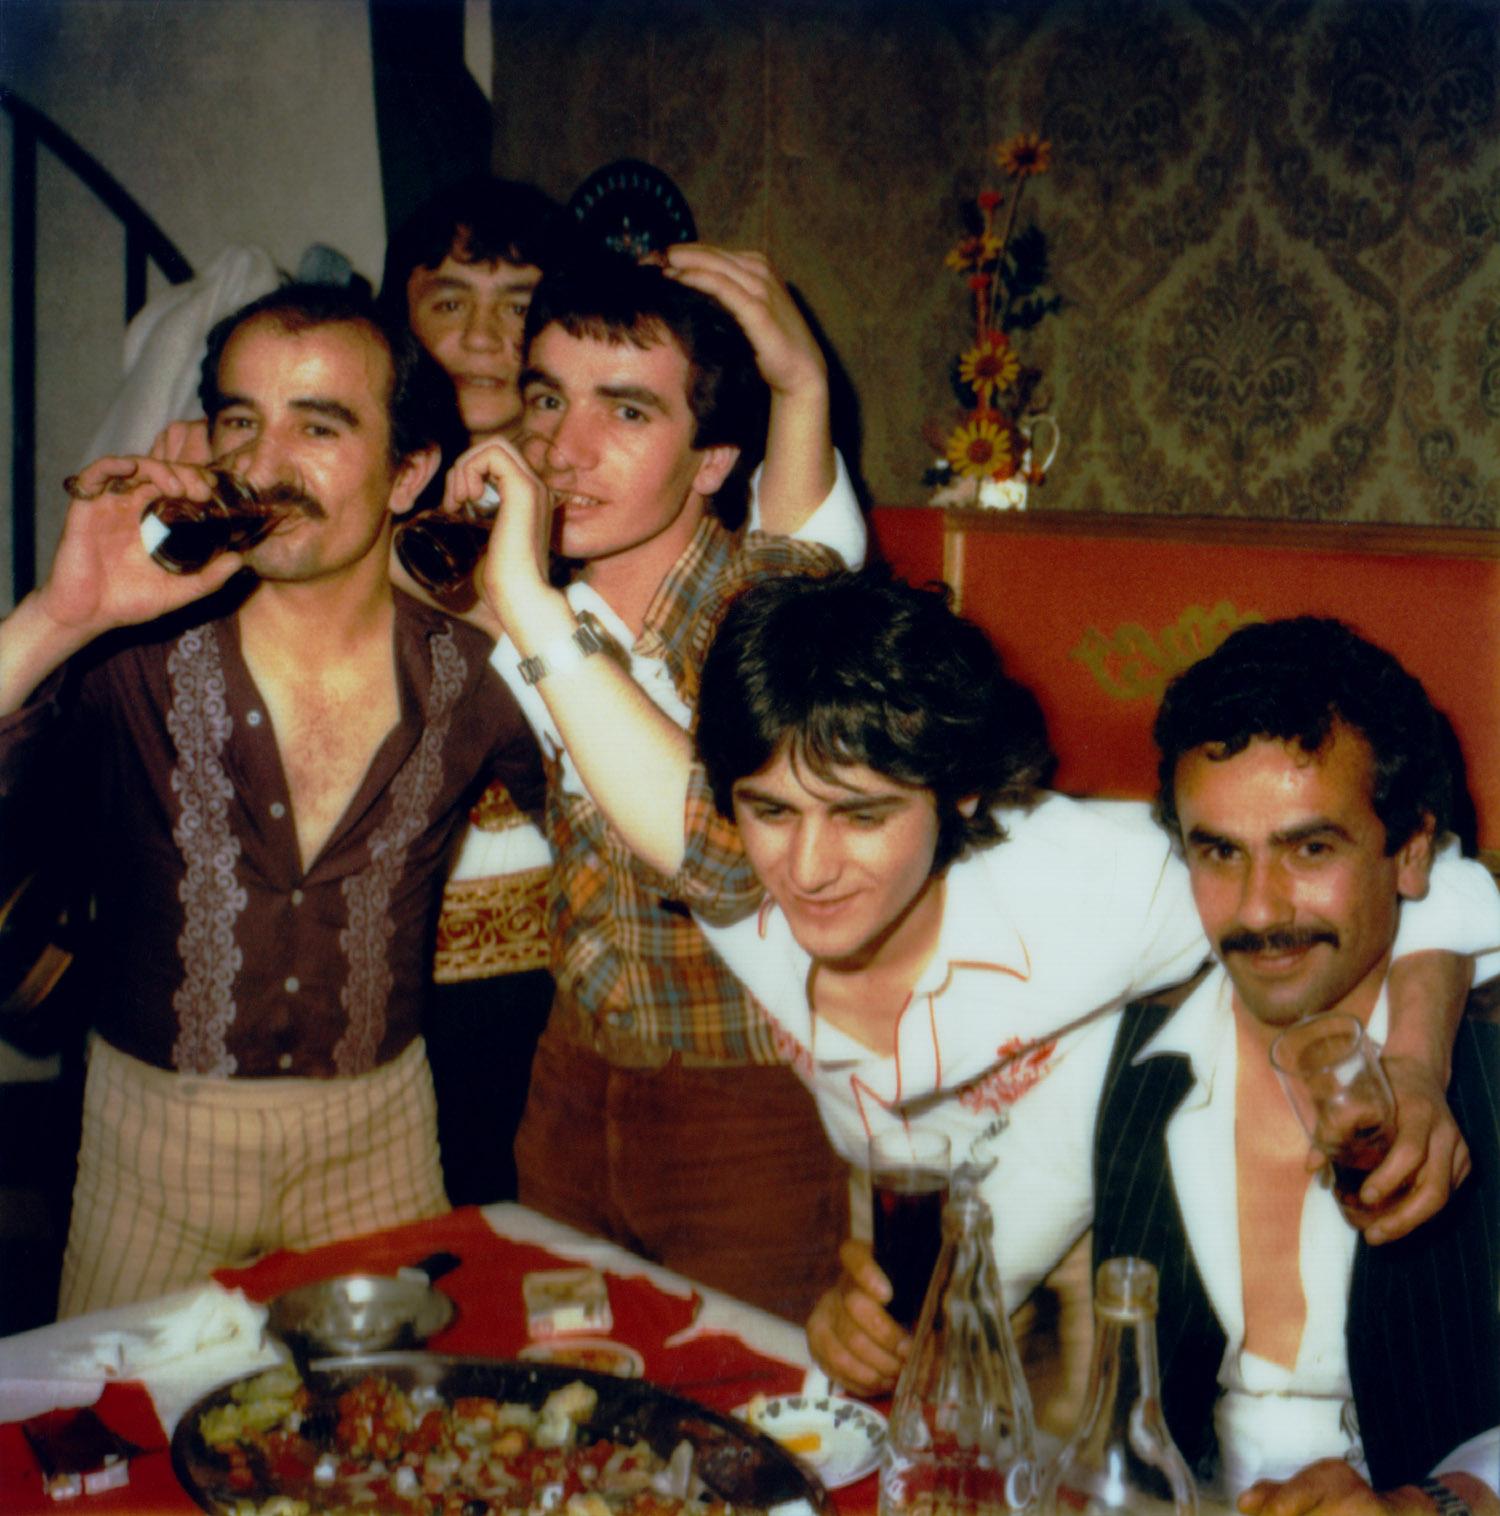 Mohamed, Ahmet and Mustafa